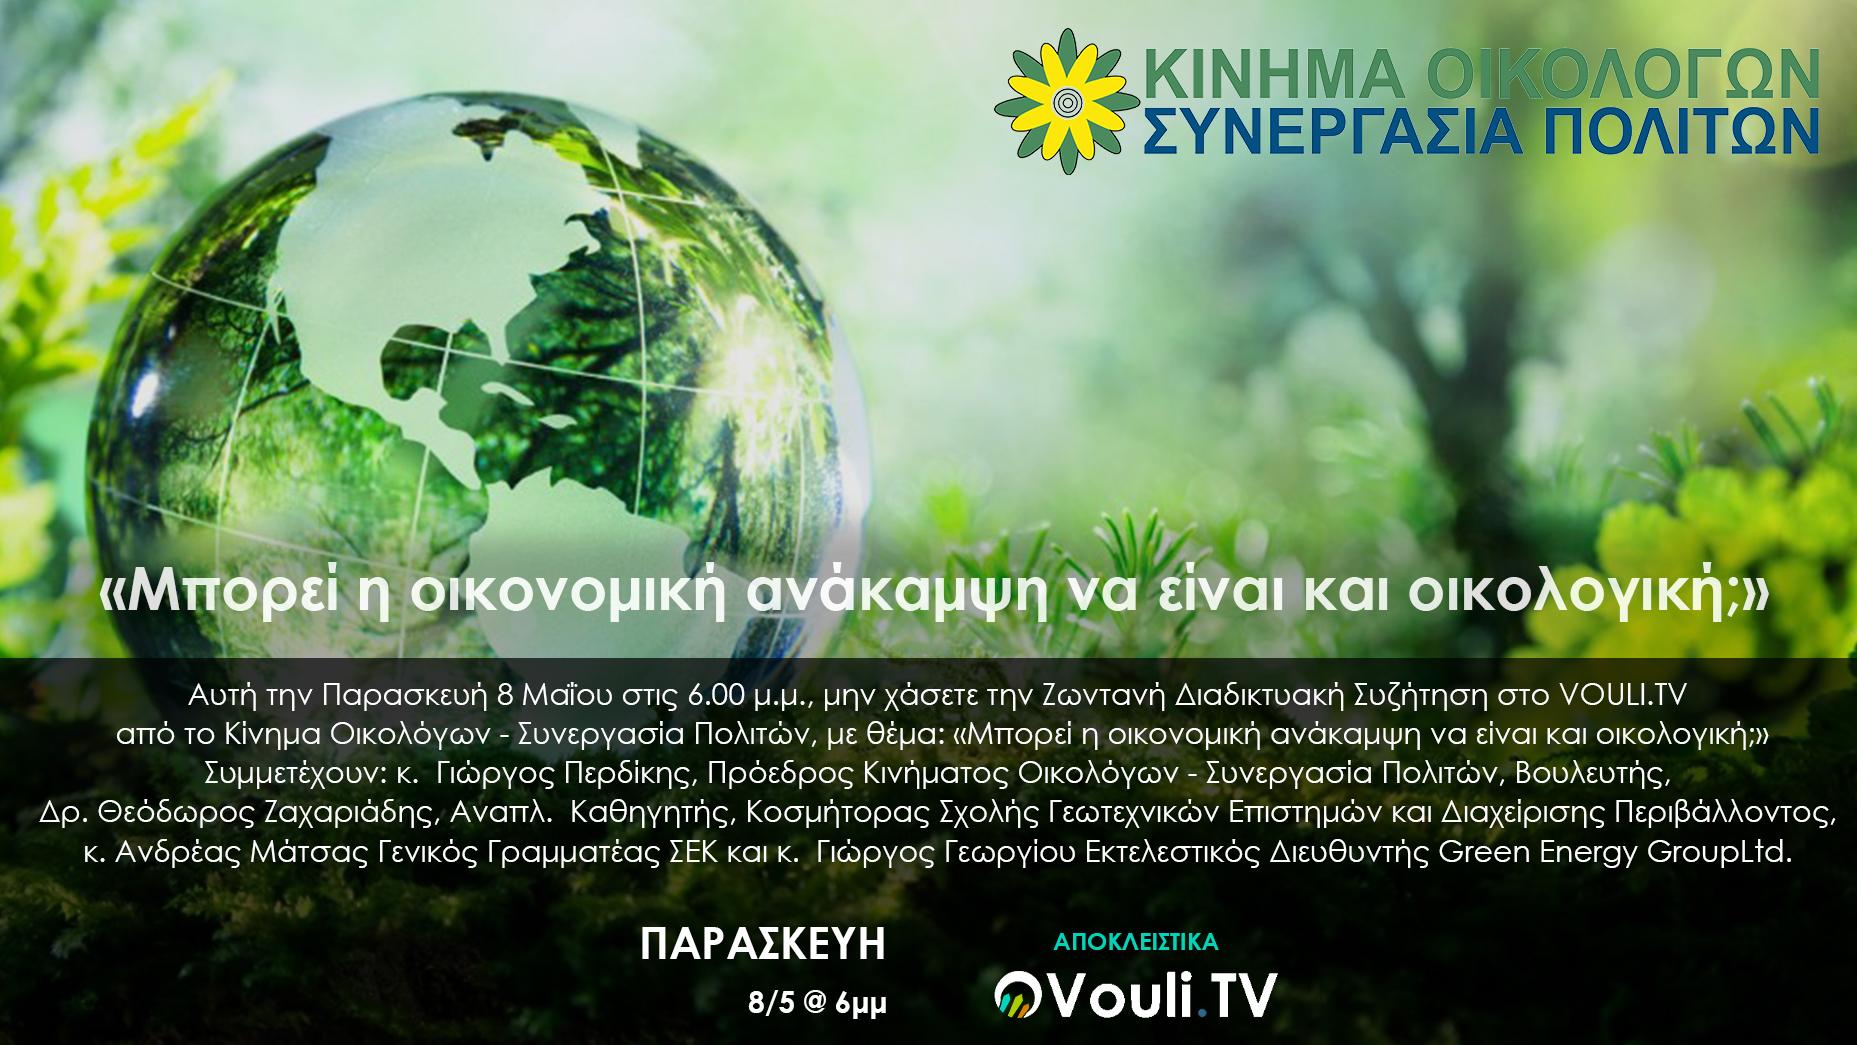 Ζωντανή Διαδικτυακή Συζήτηση   Κίνημα Οικολόγων - Συνεργασία Πολιτών ( Παρασκευή 8/05,6μμ)